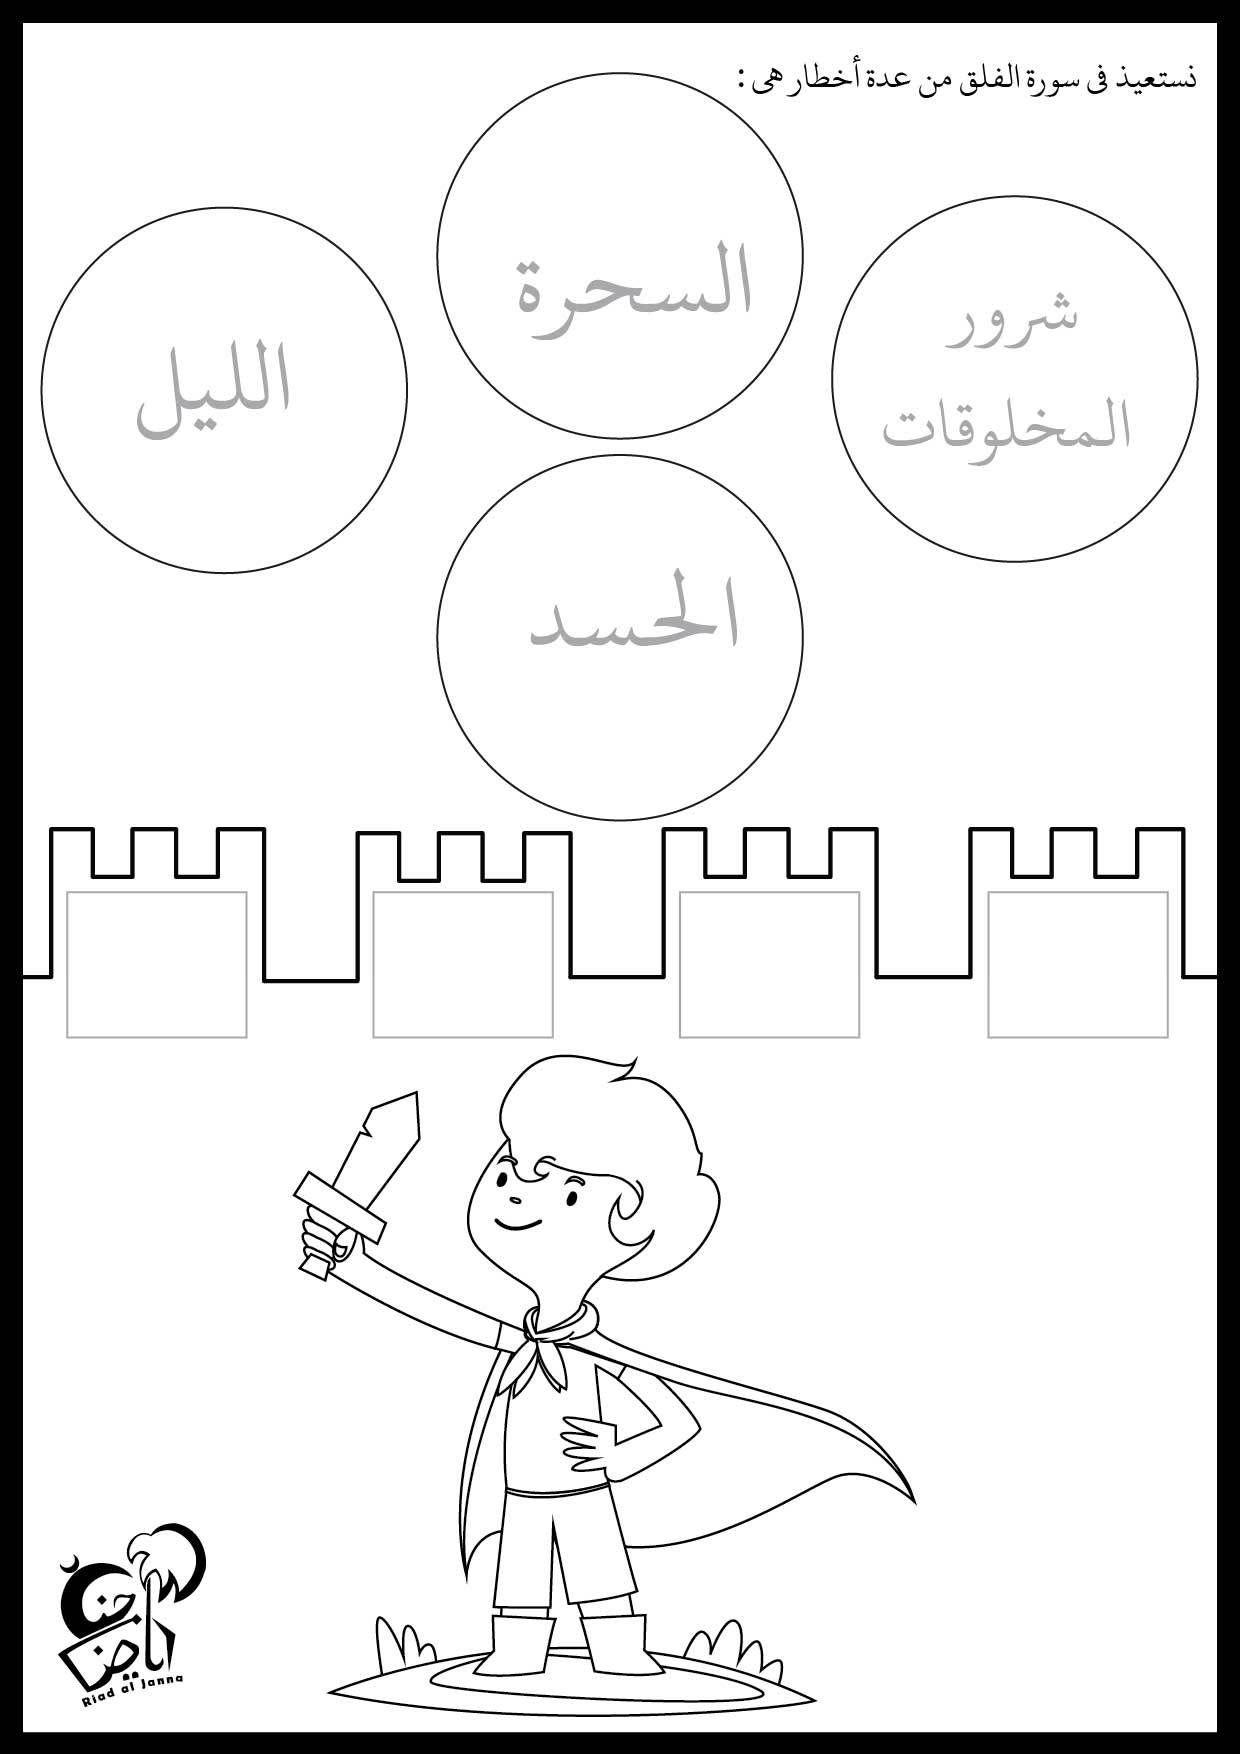 طرق بسيطة في التفسير و التحفيظ مع أوراق عمل ممتعة للأطفال الصغار خاصة بتلقين و تفسير سورة الفلق م Muslim Kids Activities Islamic Kids Activities Islam For Kids